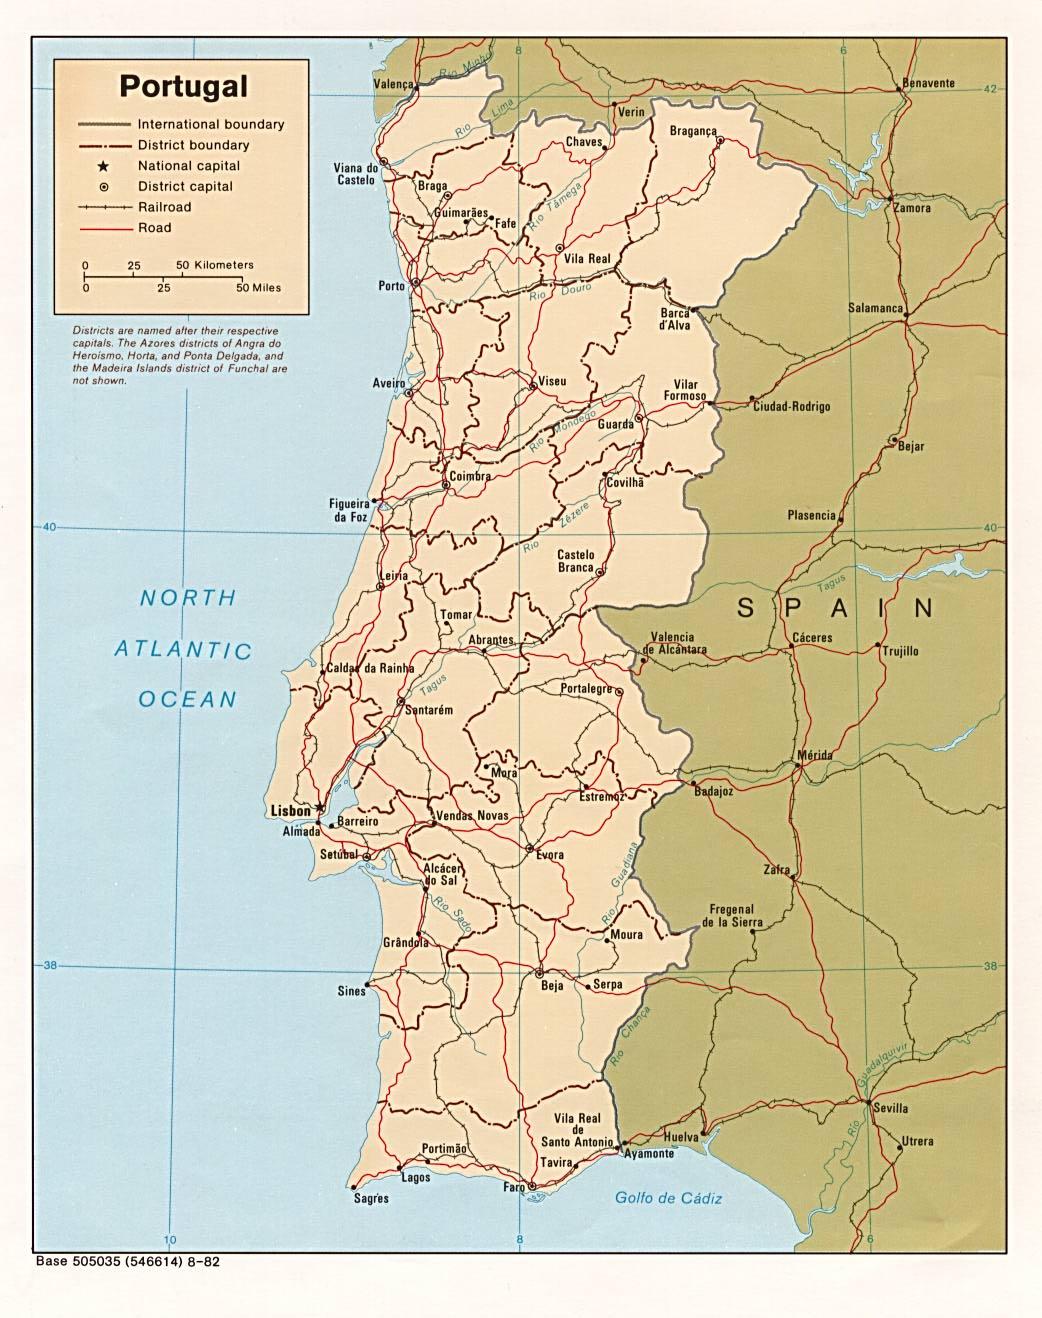 Cartina Del Portogallo Da Stampare.Mappa Portogallo Da Stampare